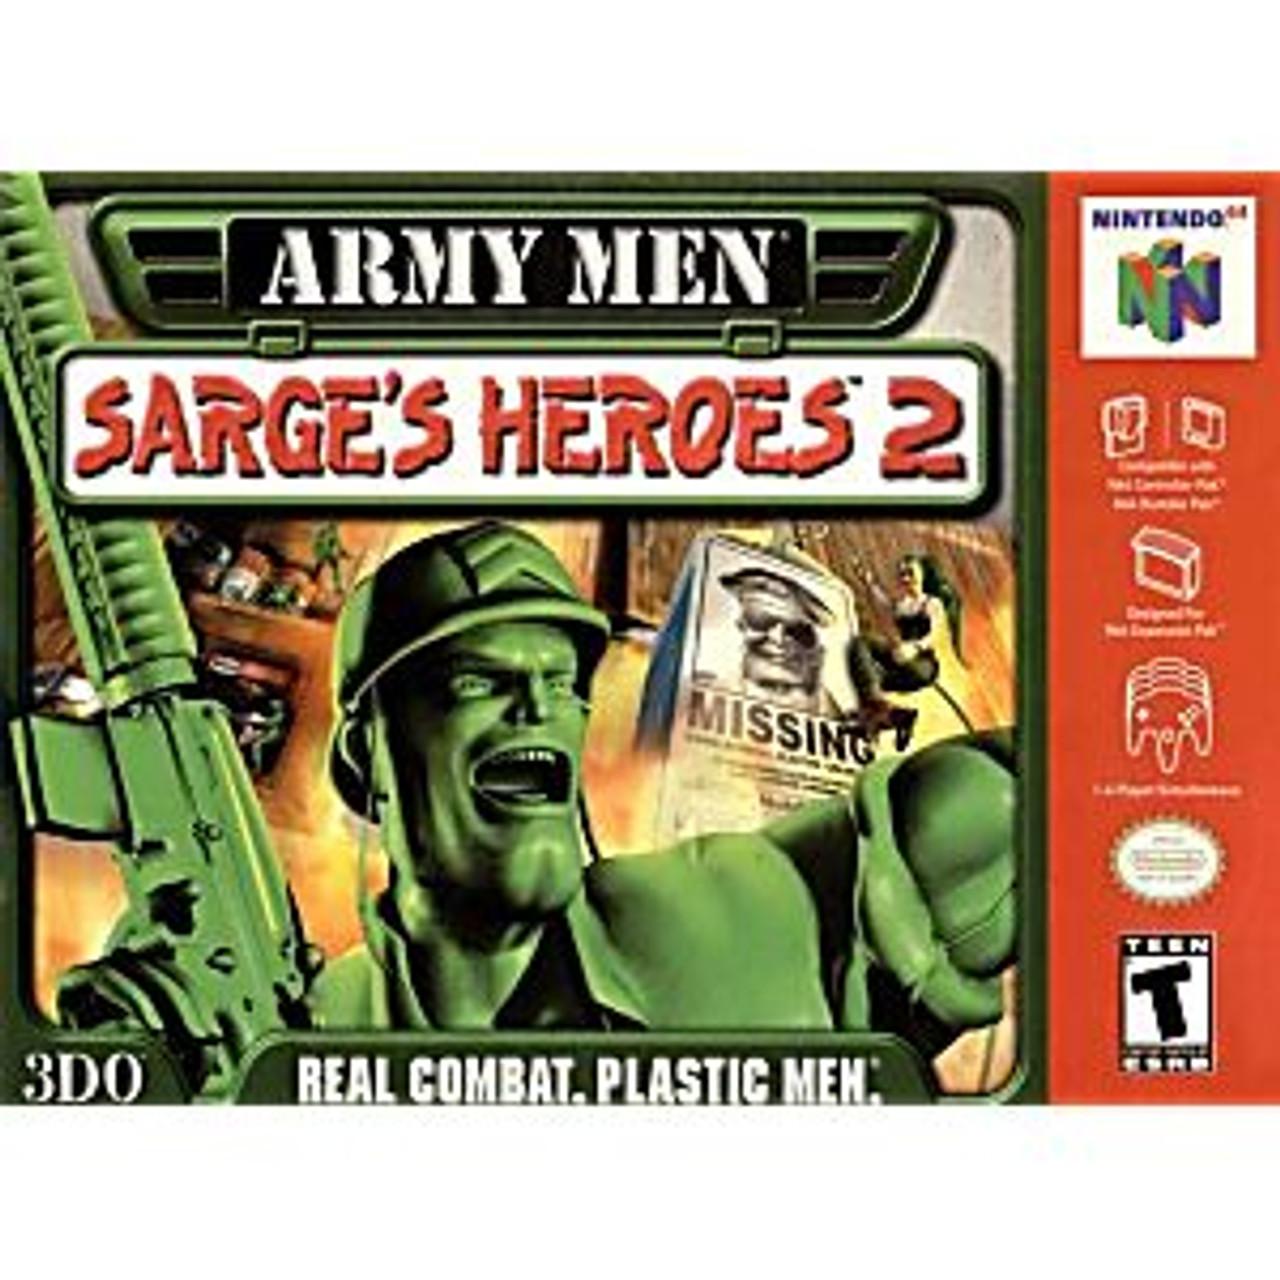 ARMY MEN SARGE'S HEROES 2 - N64